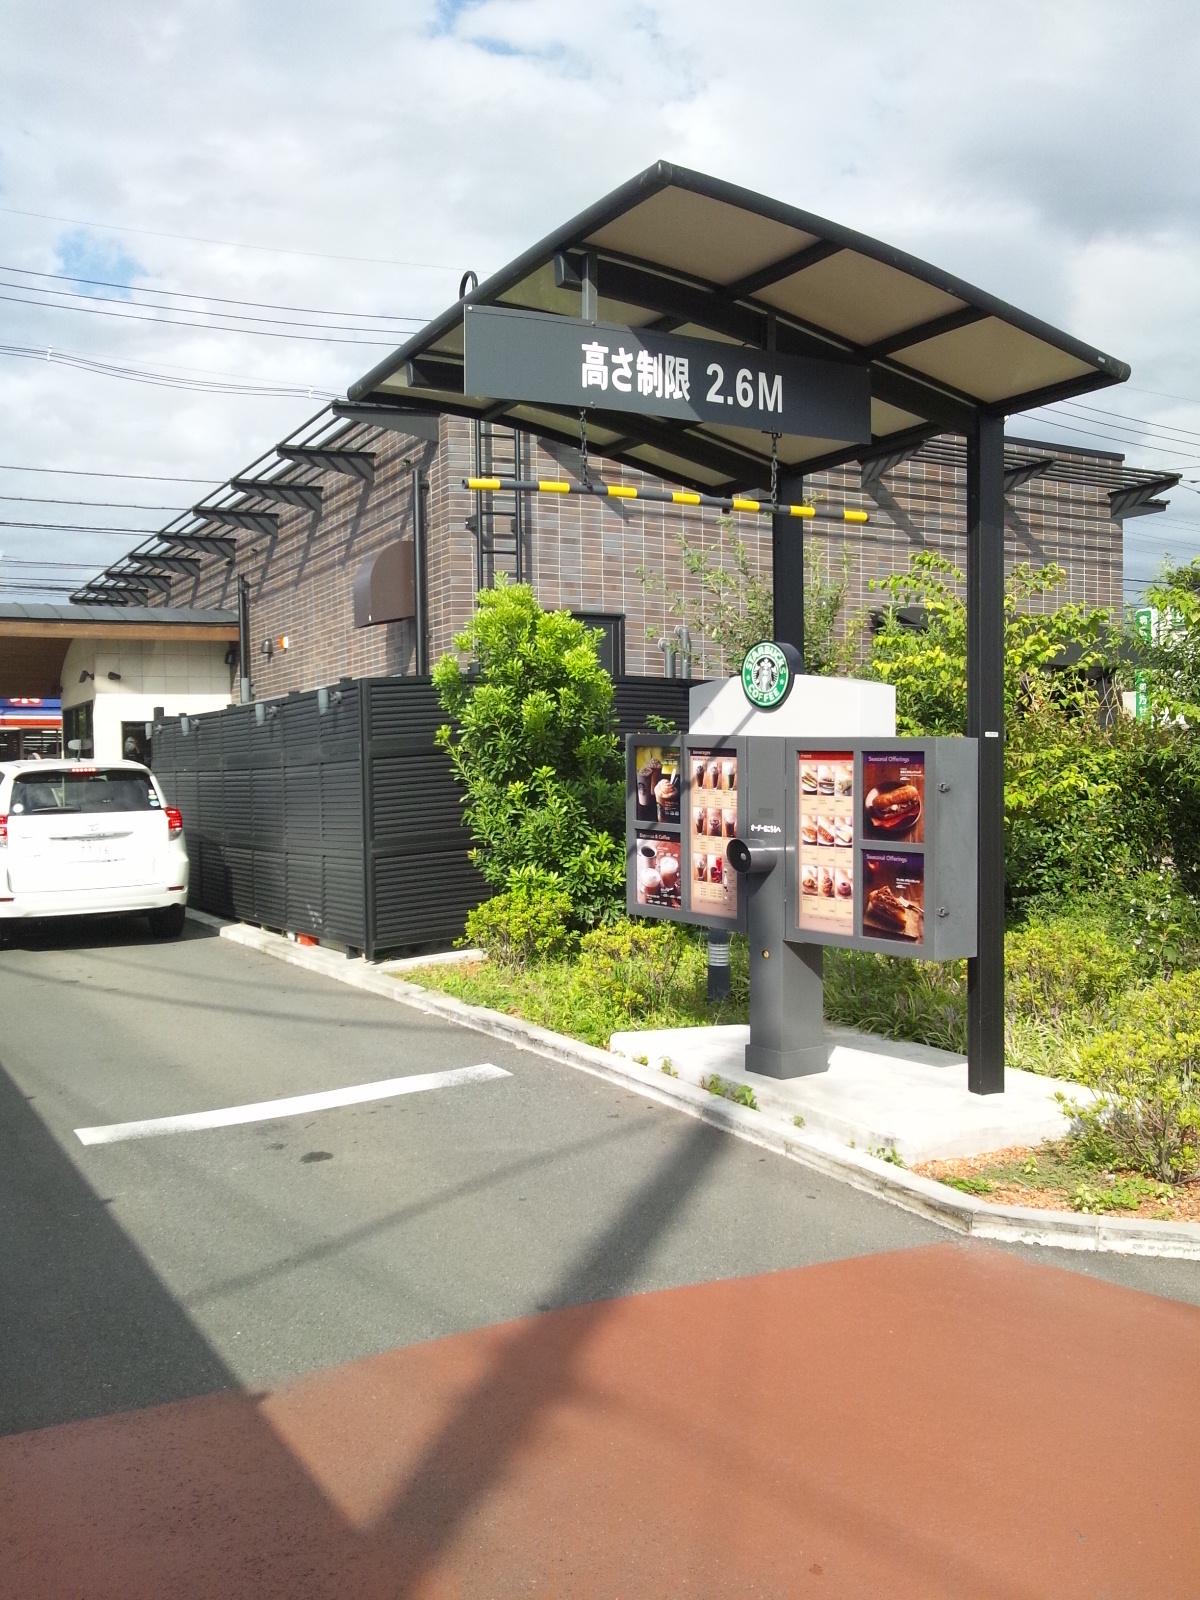 ドライブ スルー の スタバ 近く 【スタバ開店6月:スターバックスコーヒー】亀岡市追分町谷筋付近にオープン!